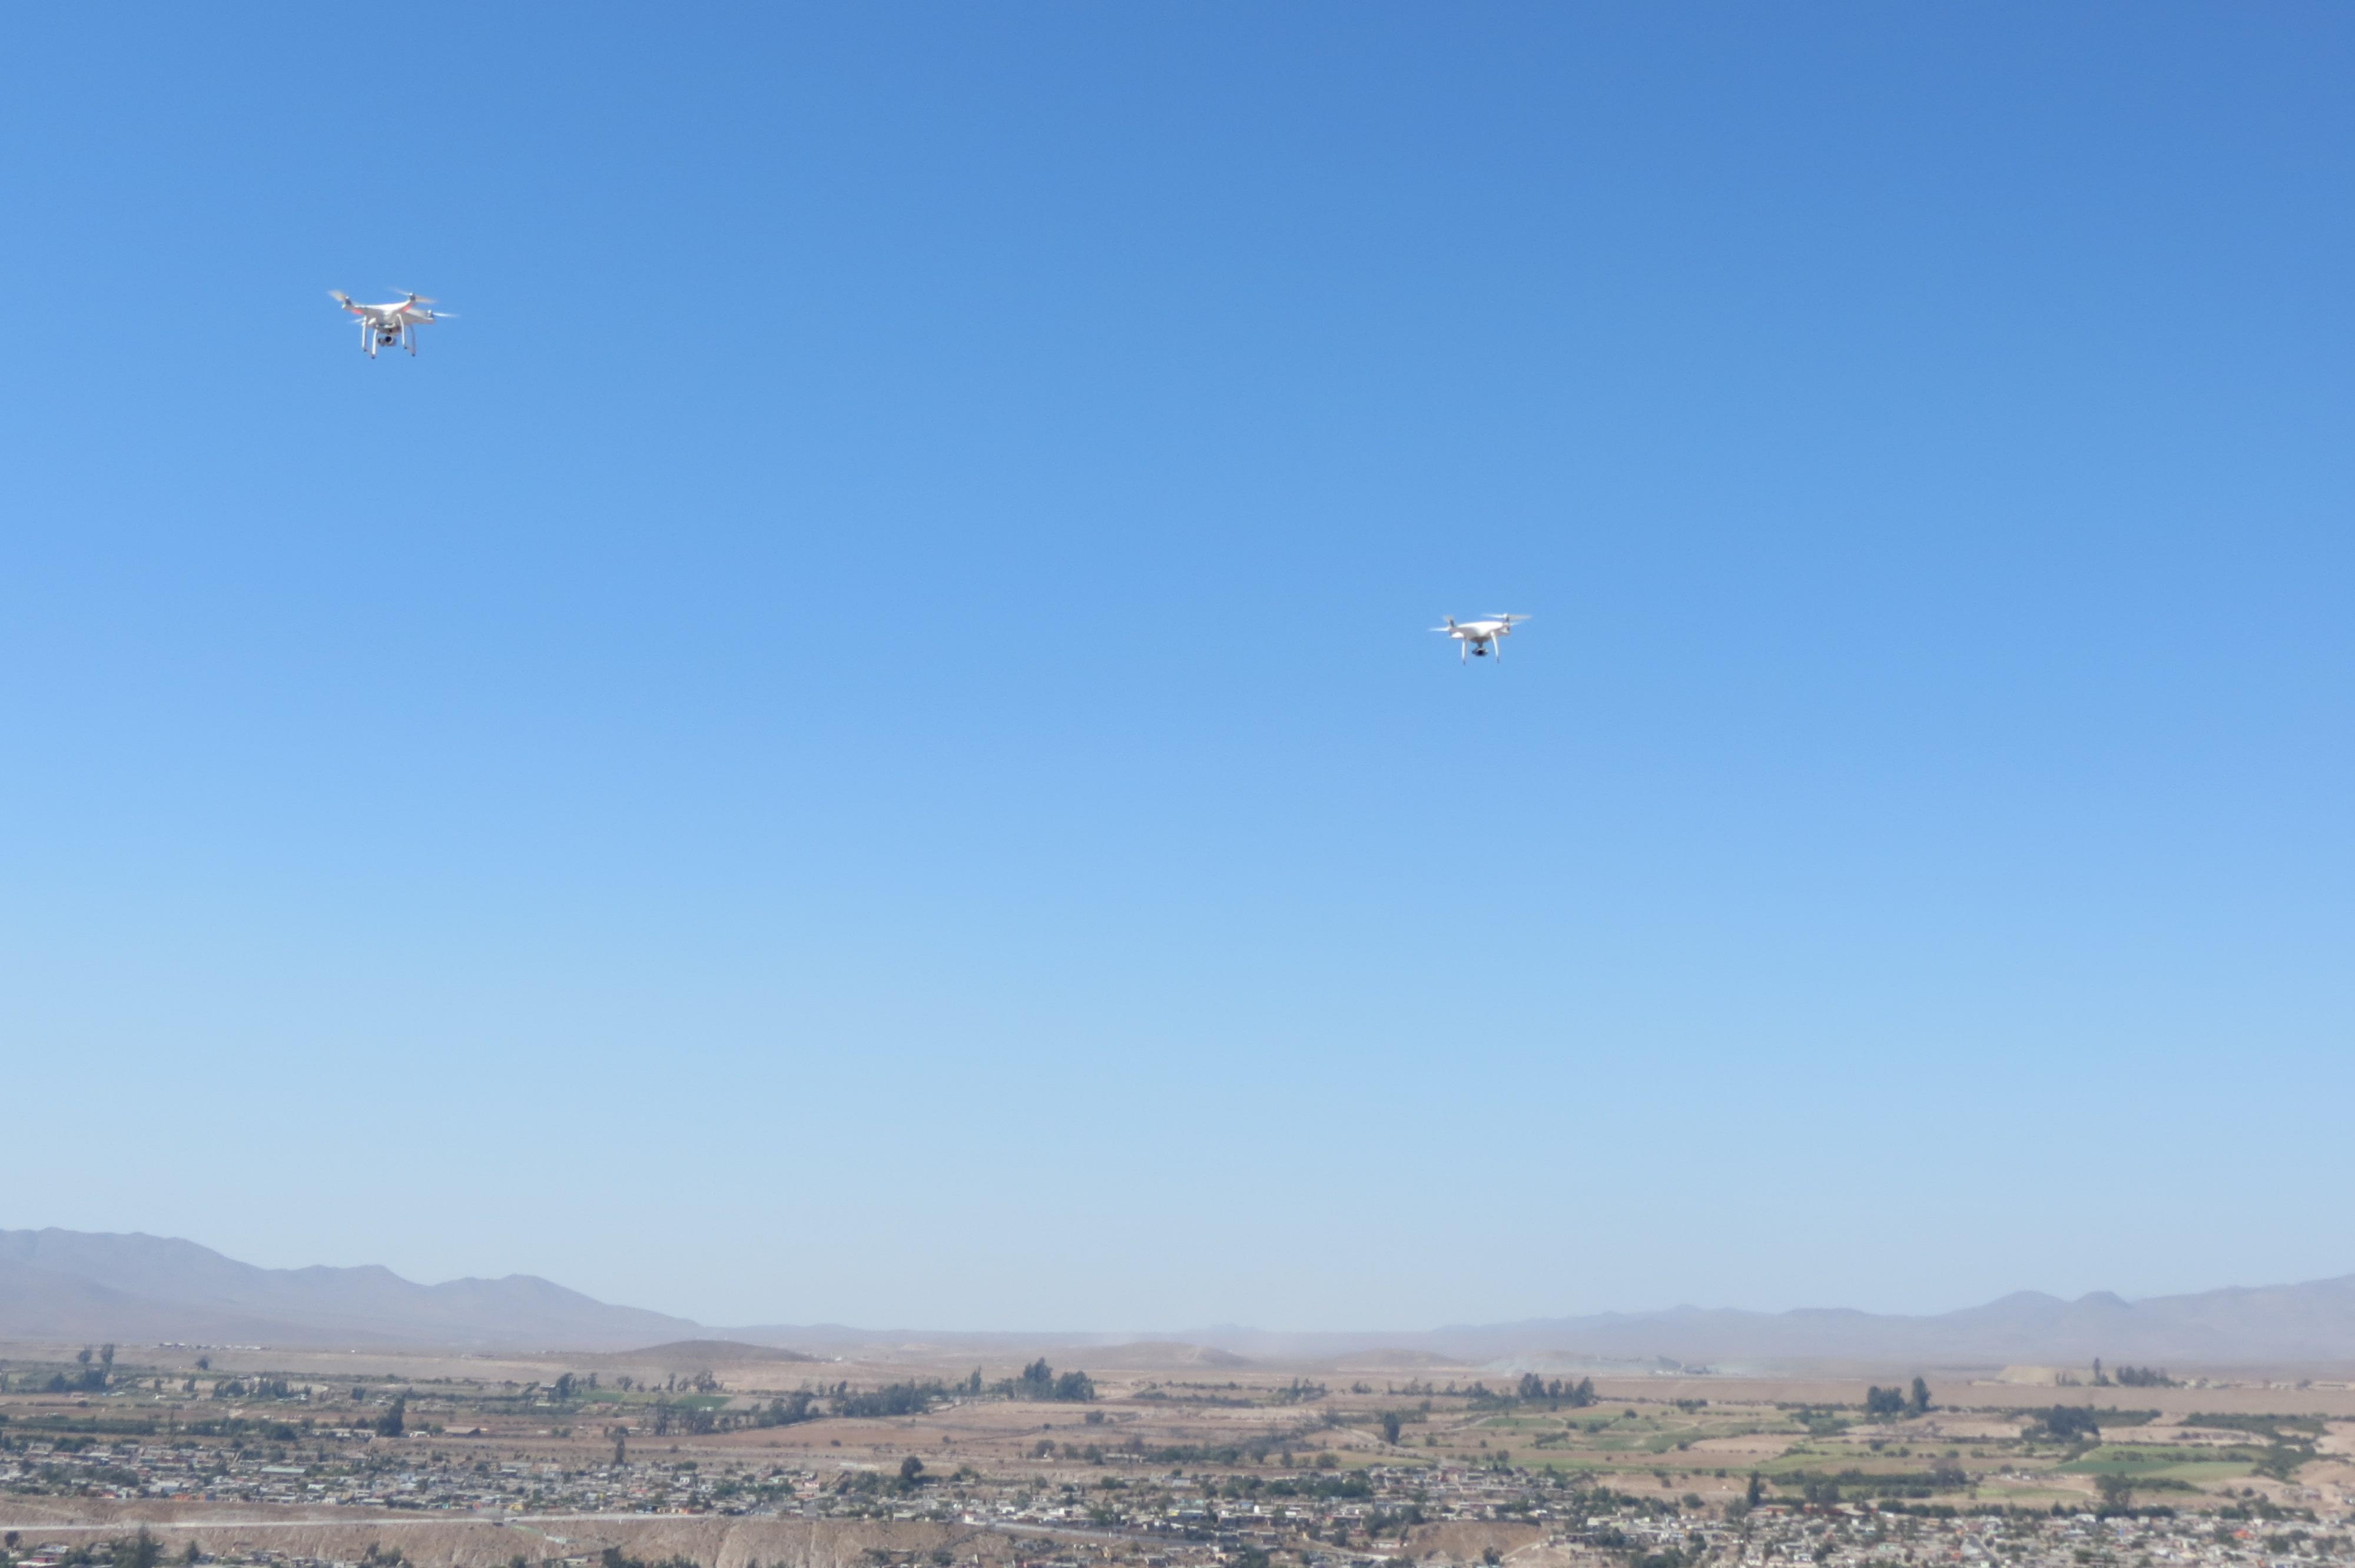 Comienzan pruebas con drones para apoyar seguridad pública en Vallenar